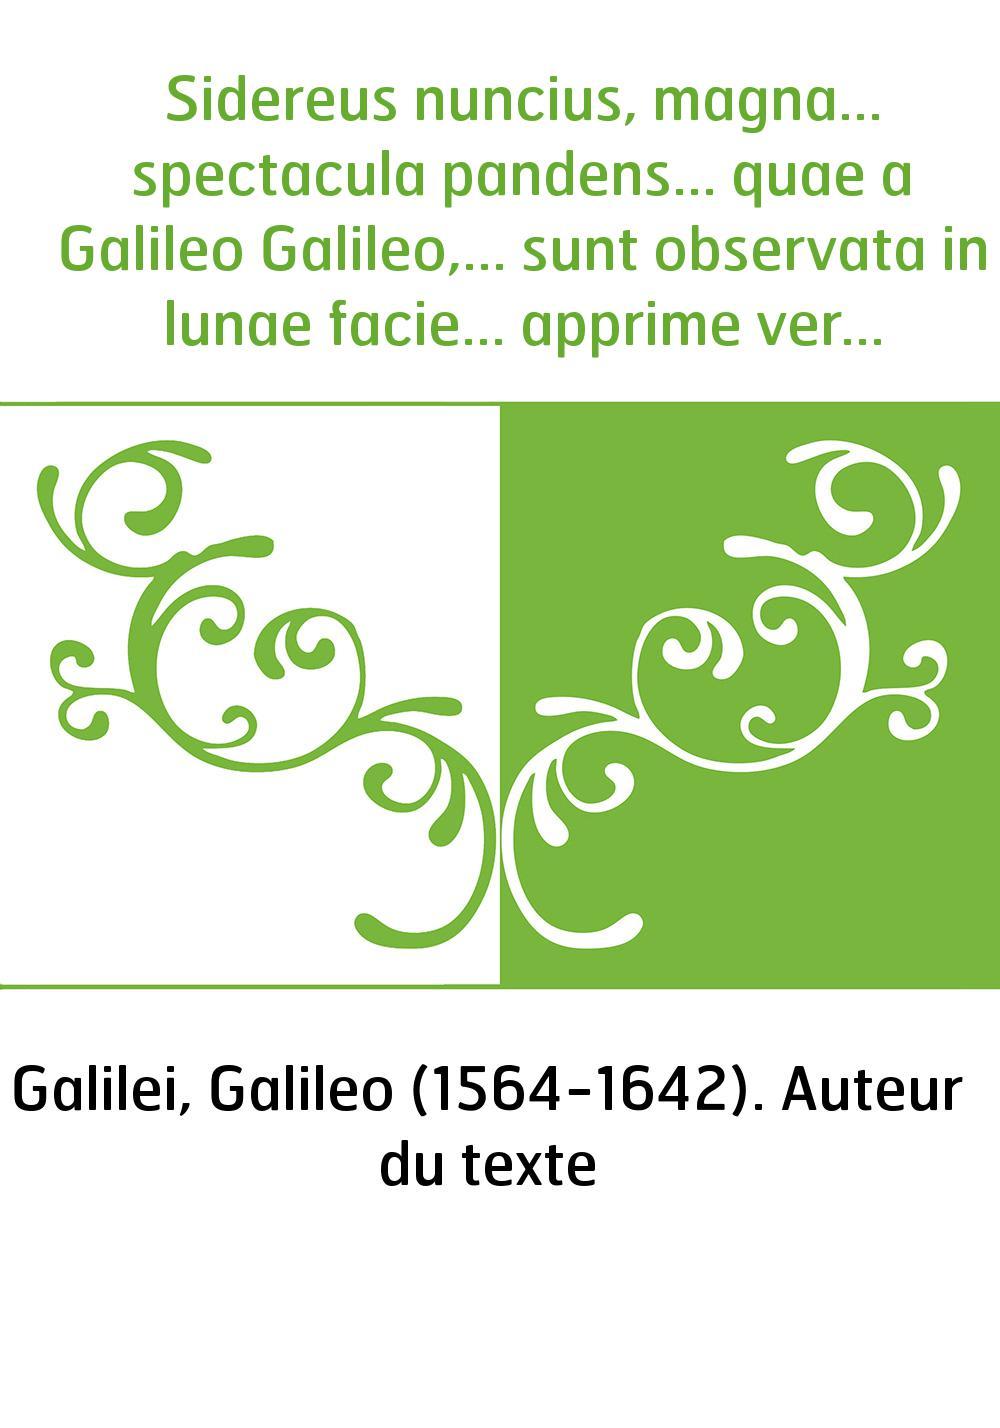 Sidereus nuncius, magna... spectacula pandens... quae a Galileo Galileo,... sunt observata in lunae facie... apprime vero in qua